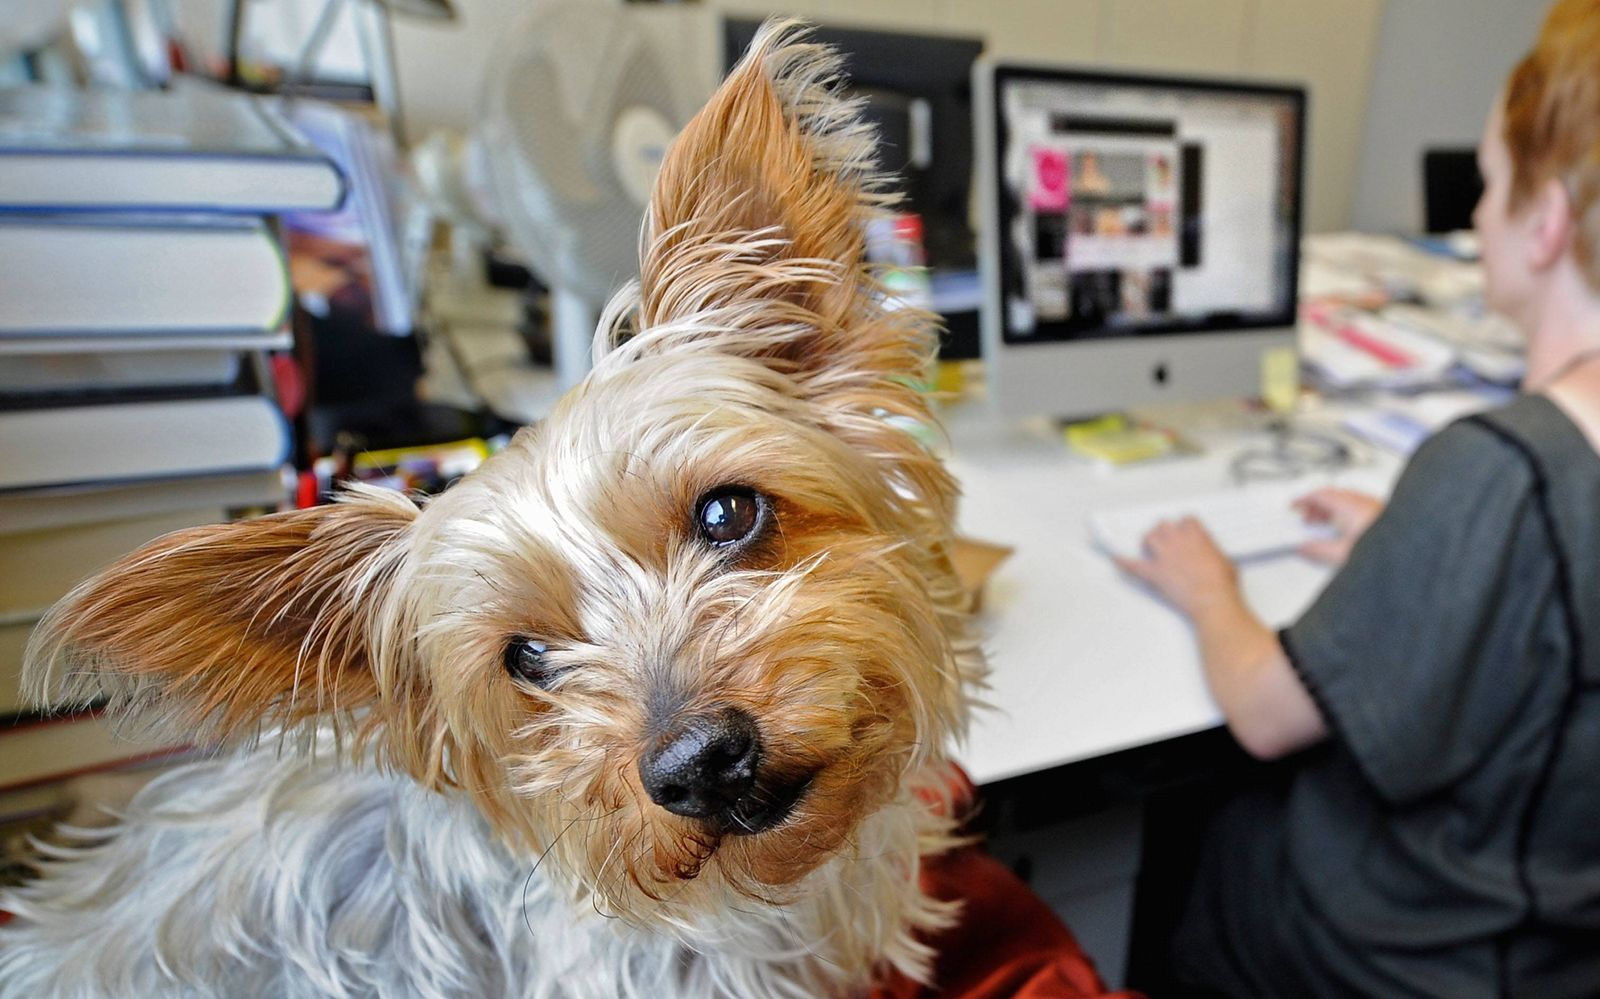 NICHT VERWENDEN Symbolbild Haustier/Hundg am Arbeitsplatz